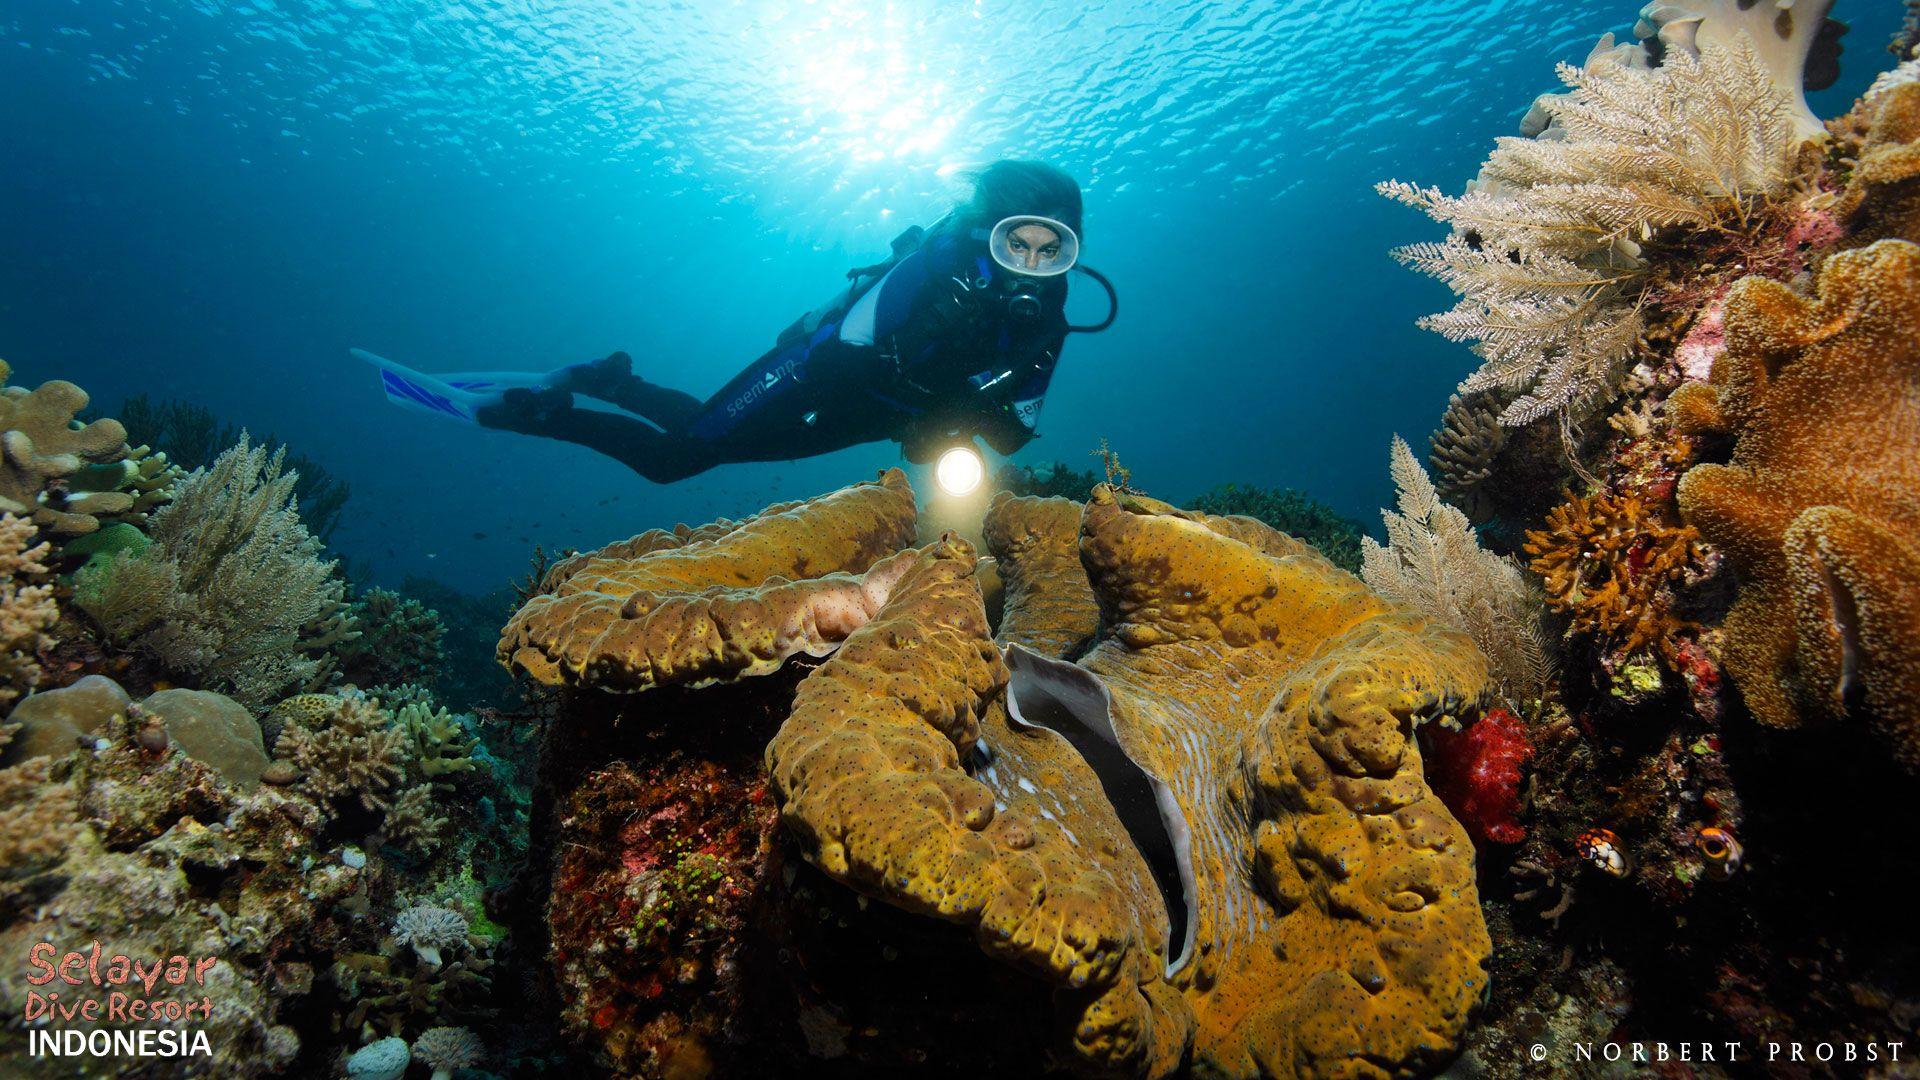 Selayar dive resort your perfect diving holiday in - Raja laut dive resort ...